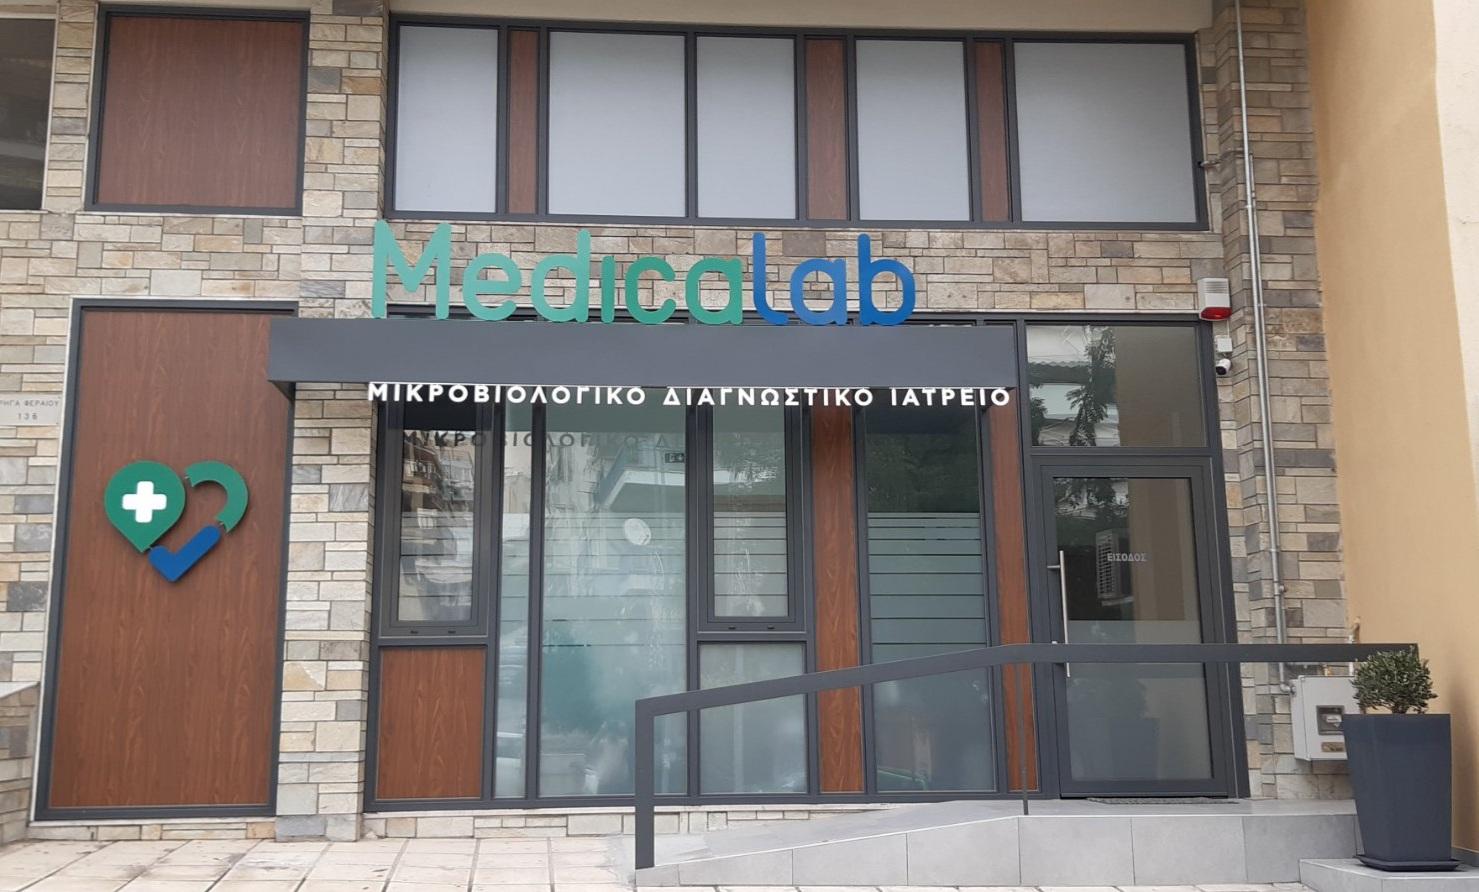 Έναρξη λειτουργίας μικροβιολογικού εργαστηρίου του Θέμη Τζήρου στις Συκιές Θεσσαλονίκης